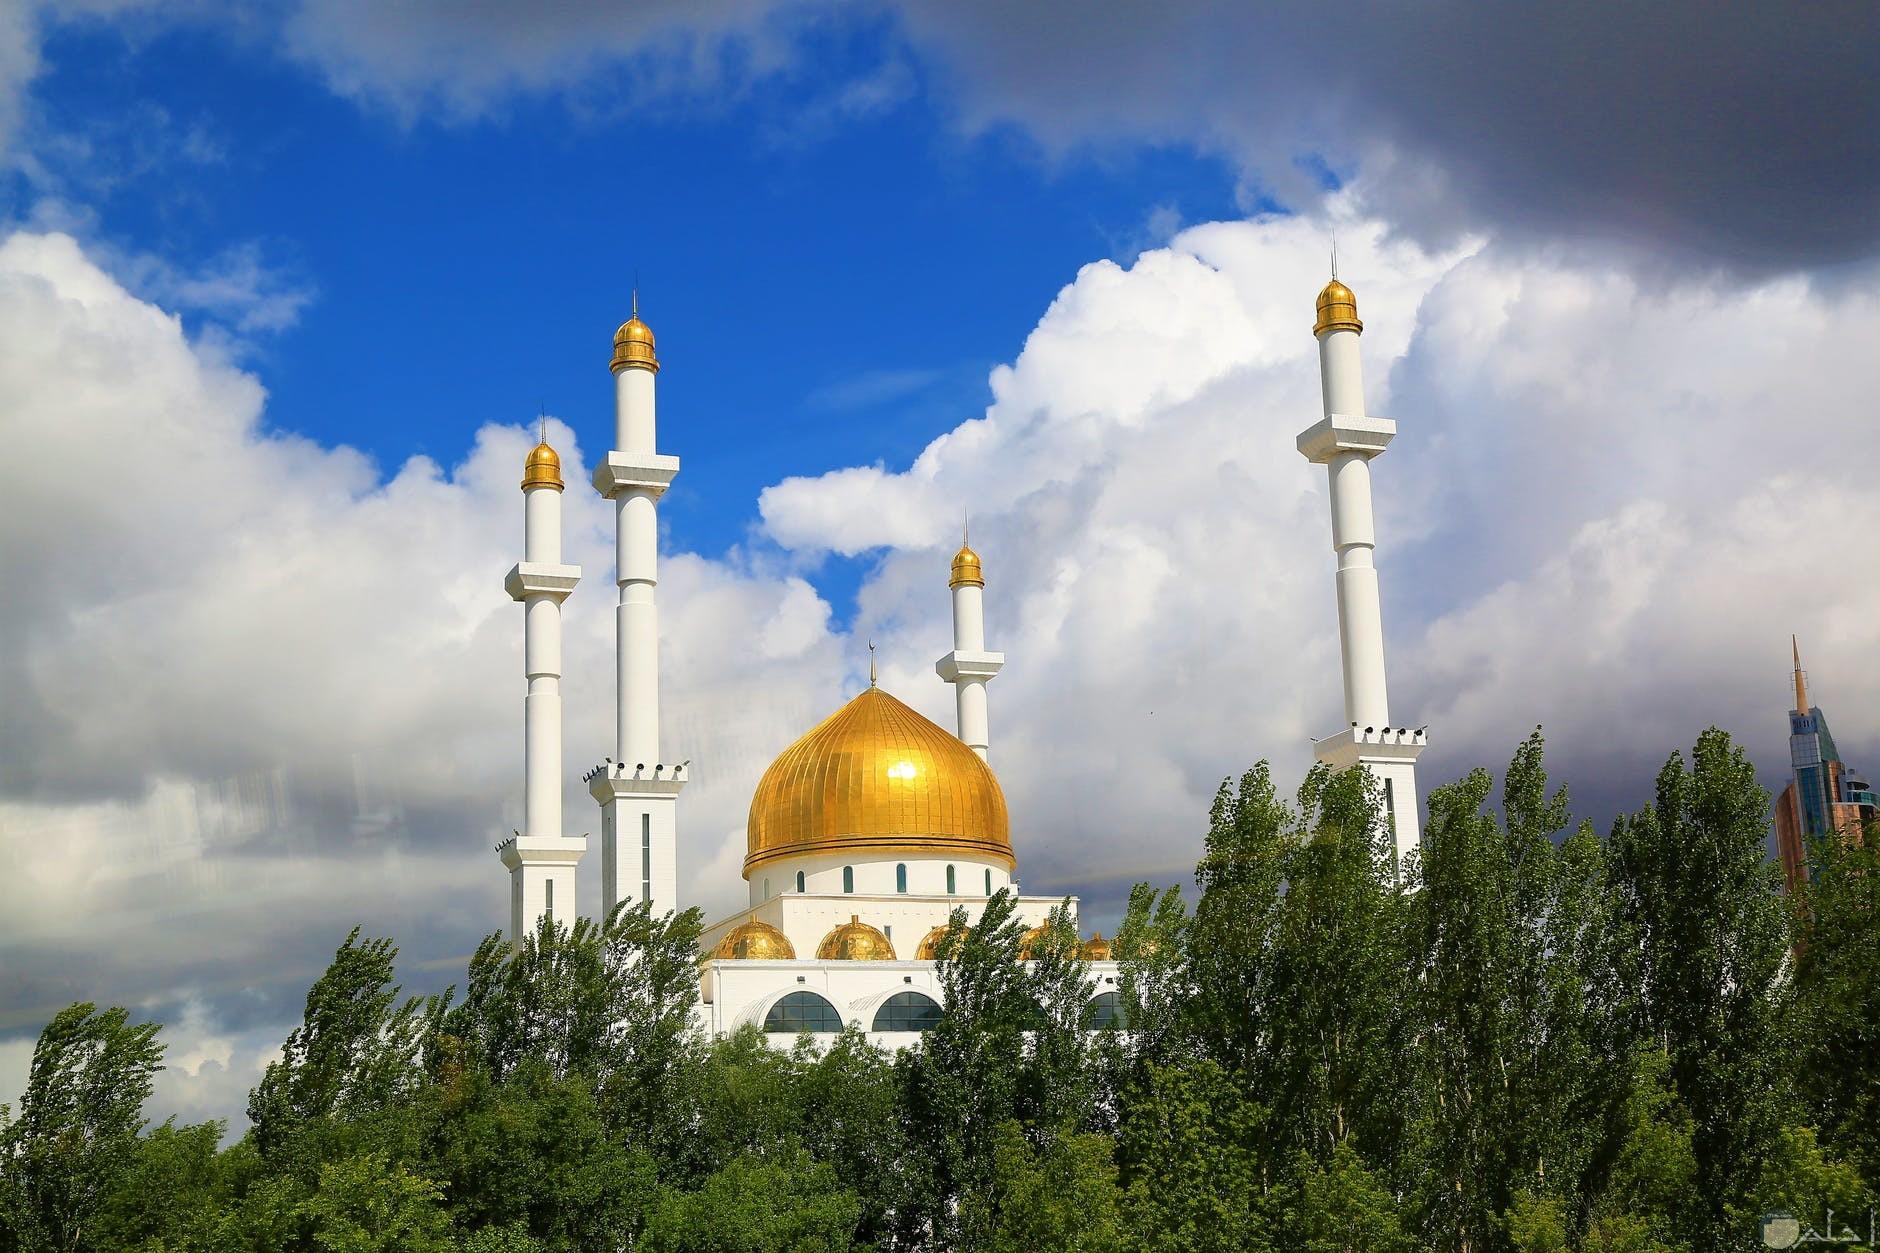 صورة لمسجد وسط الاشجار